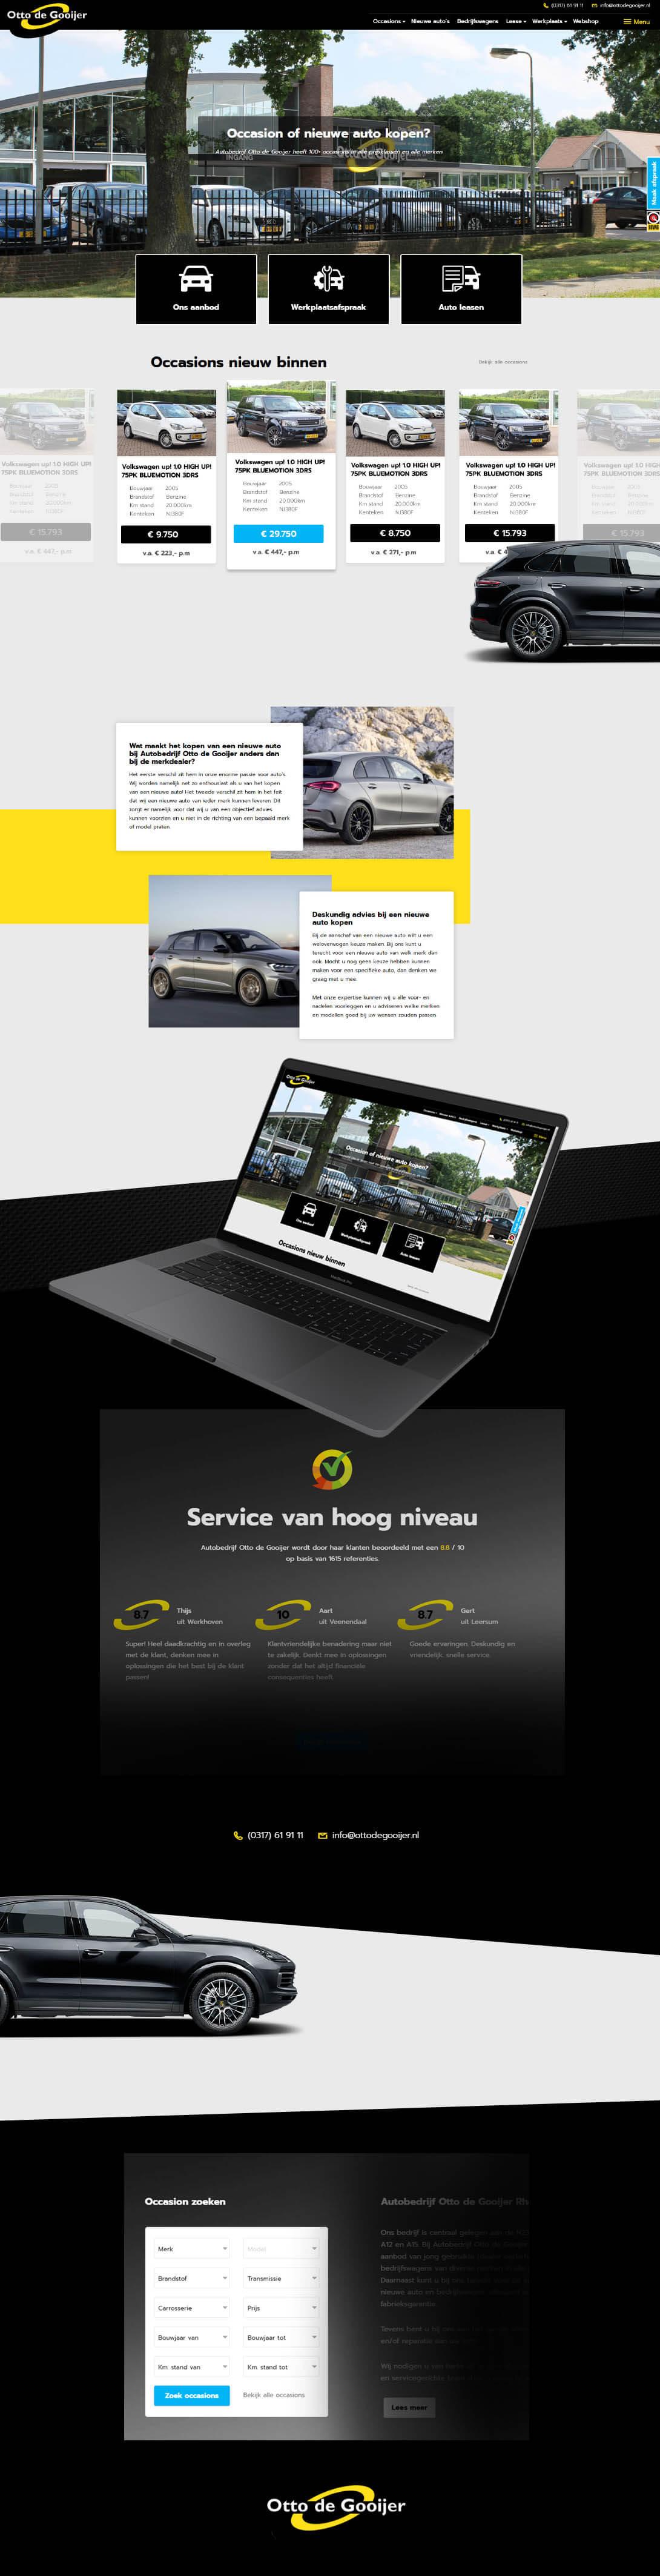 Autowebsite laten maken - Otto de Gooijer Steenstra Media